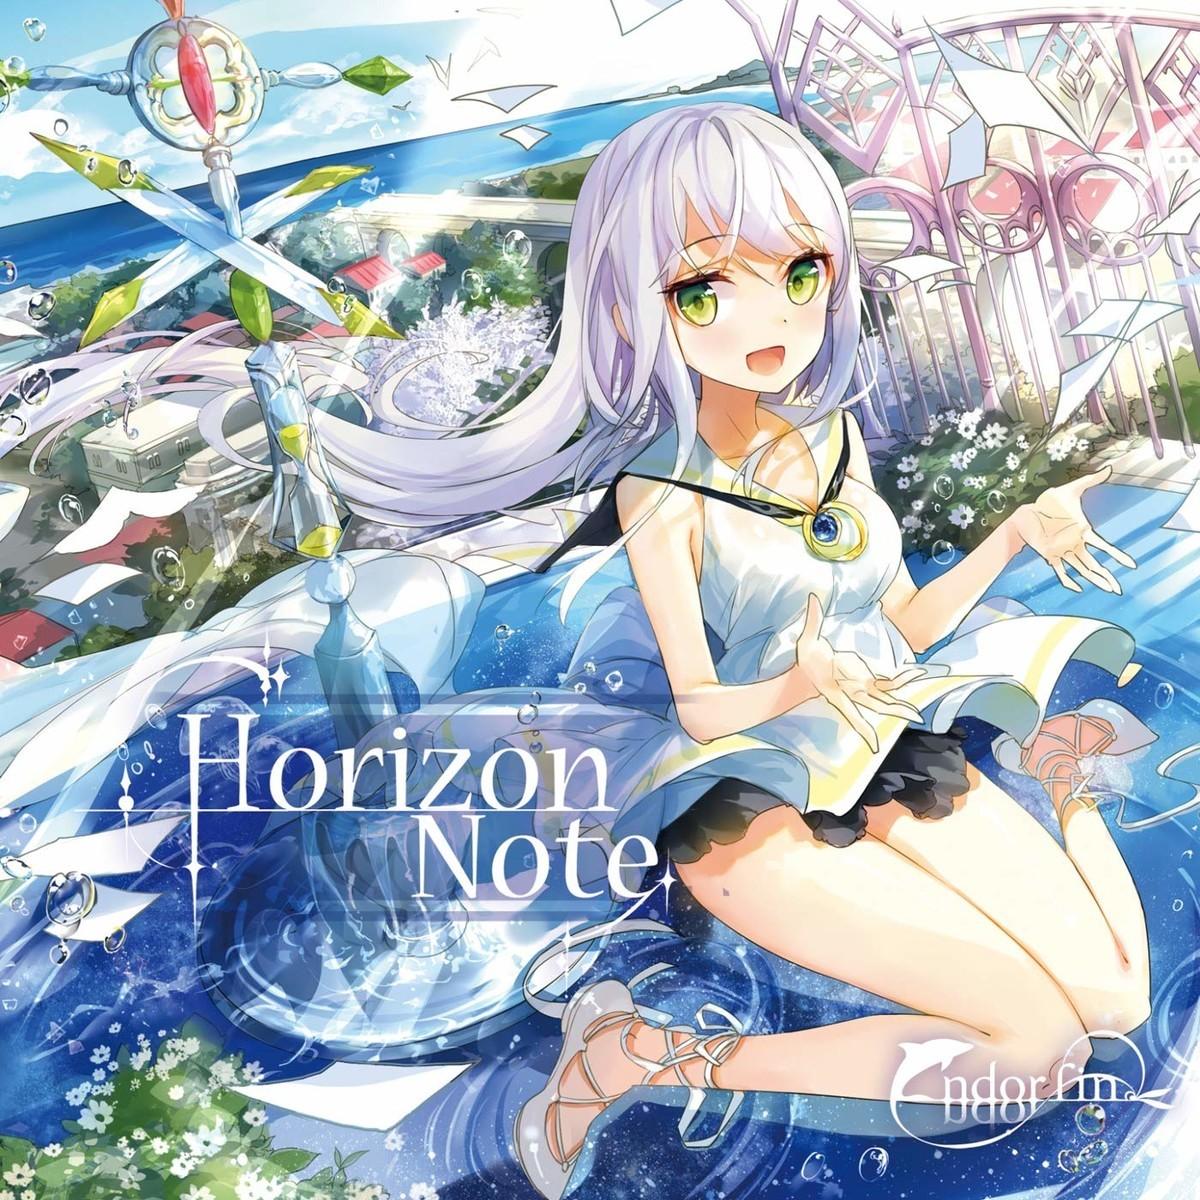 Horizon Note